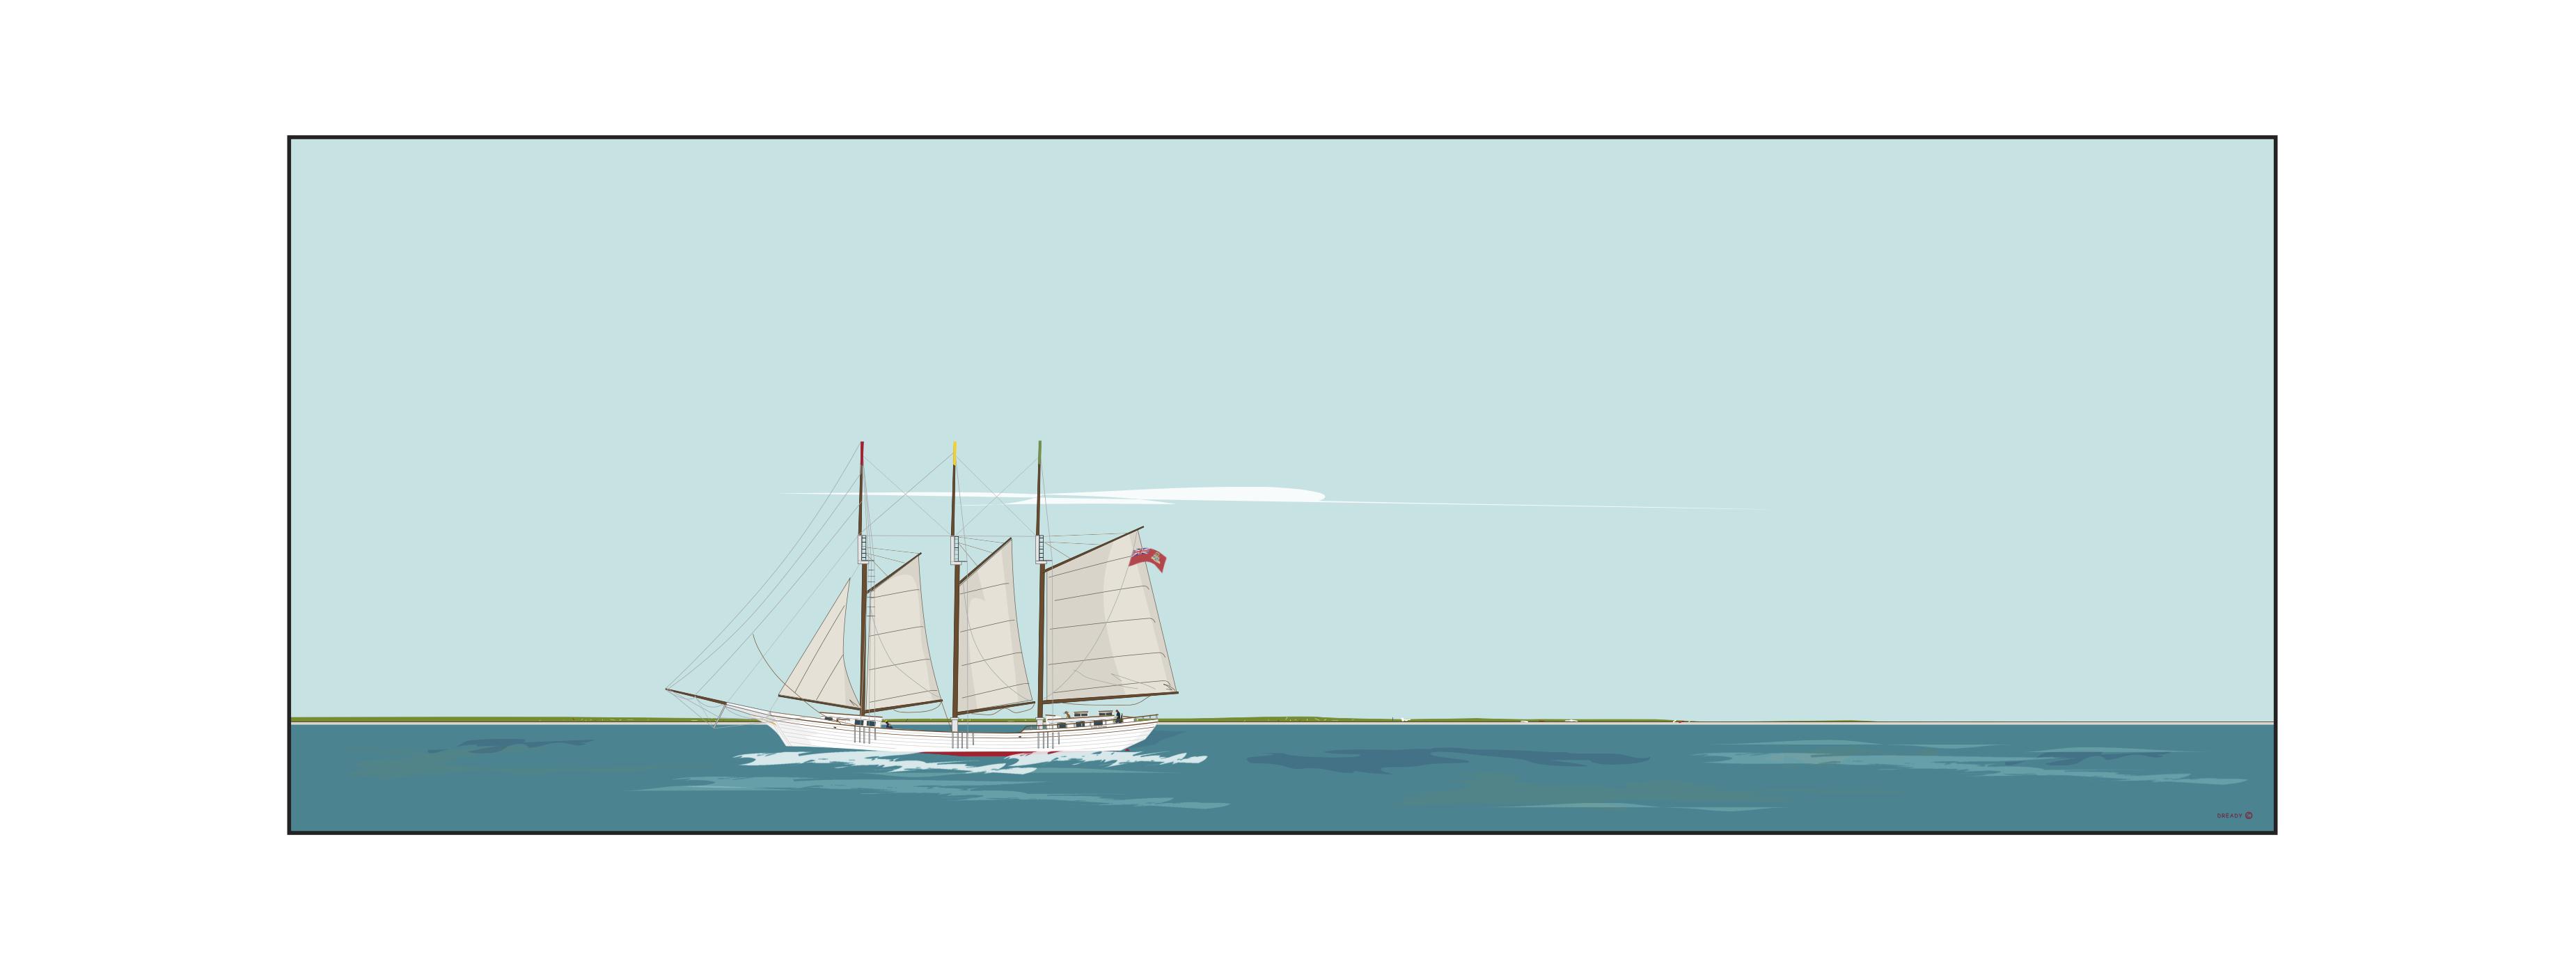 Dready Boat - Webster Line - 'Rosalie Belliveau'